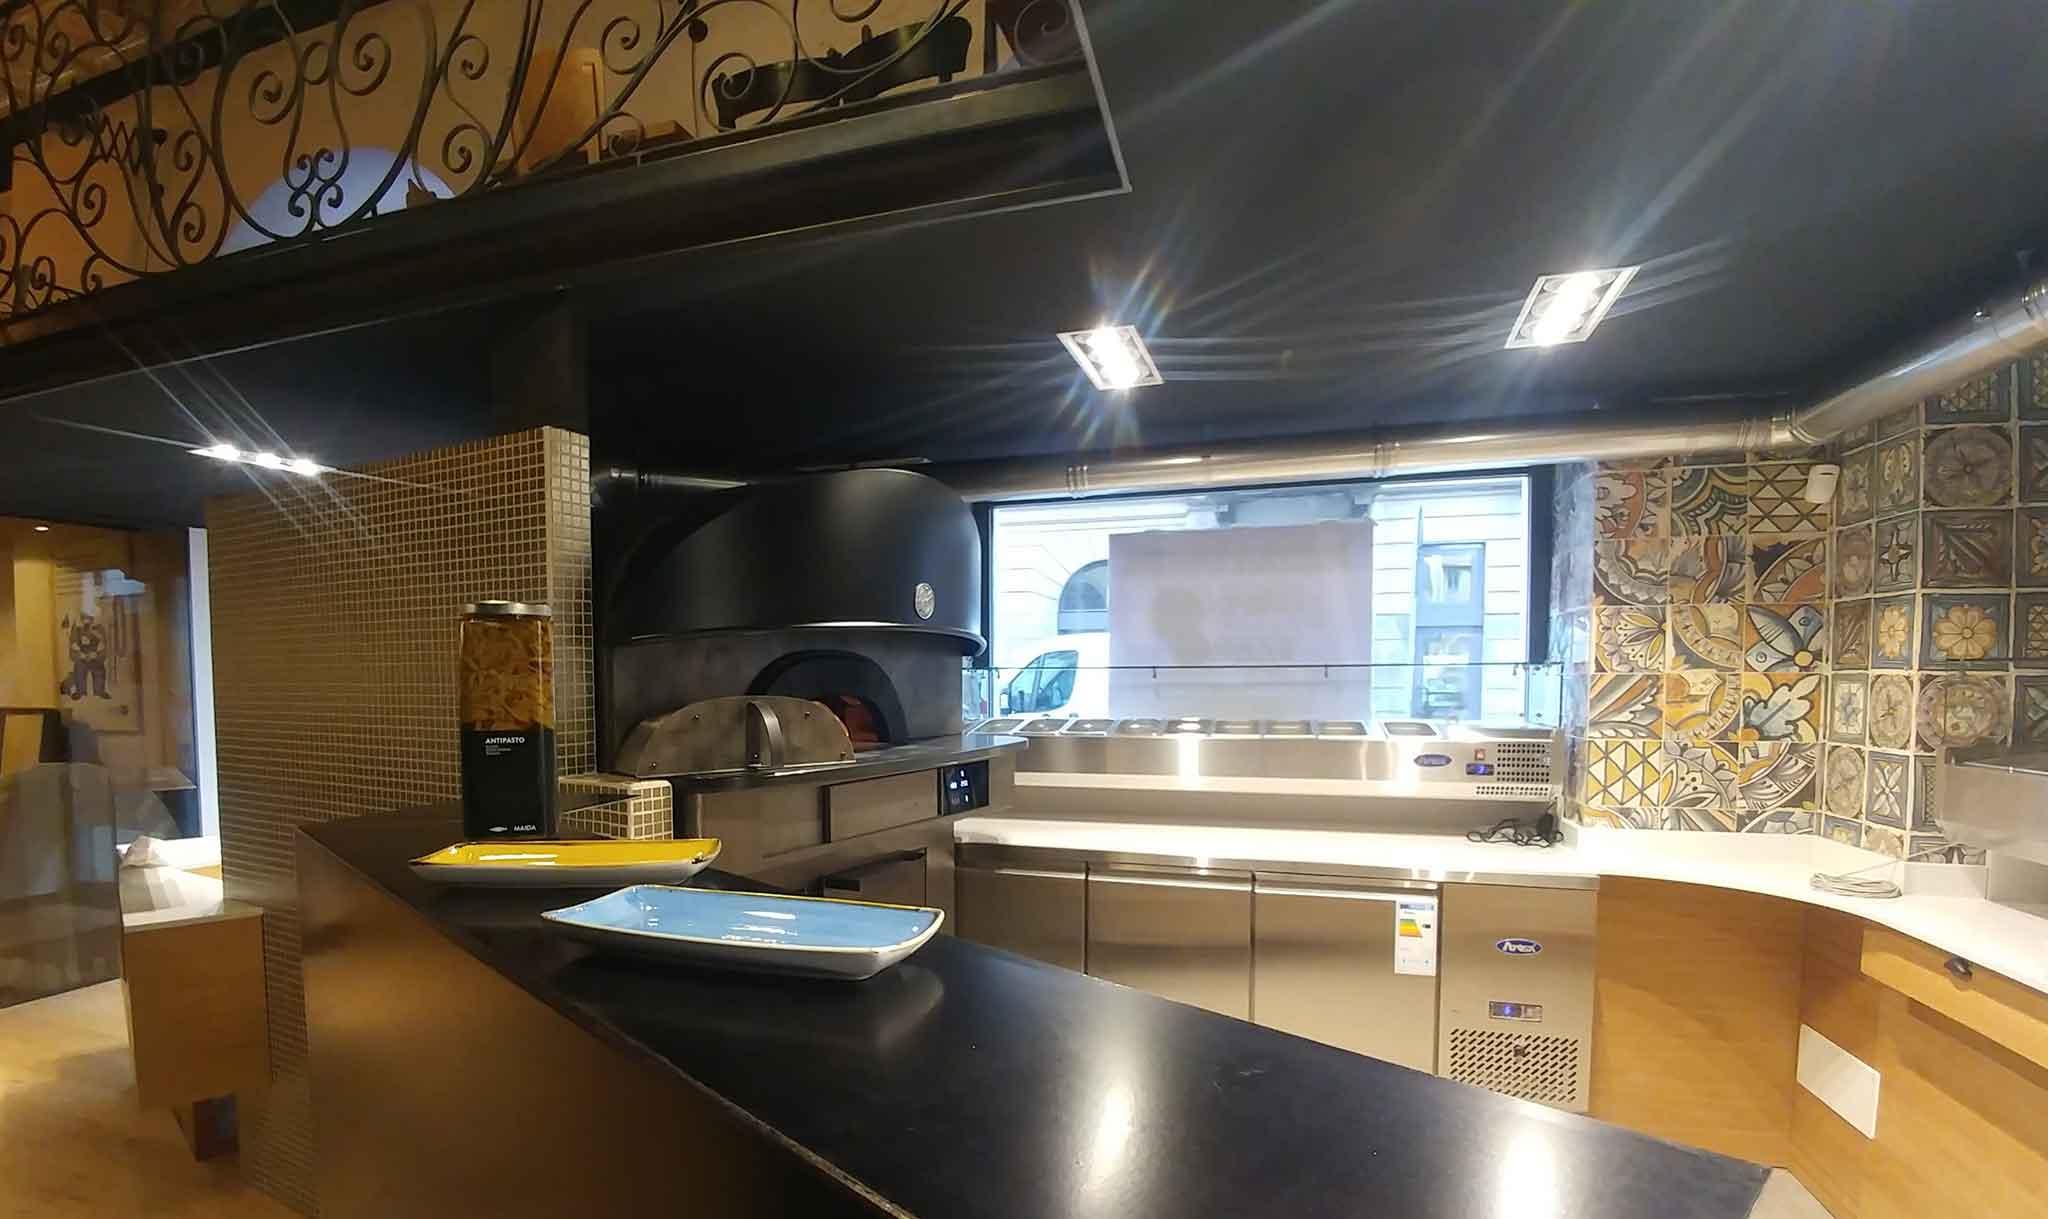 Da Zero apre una nuova pizzeria a Milano in Brera